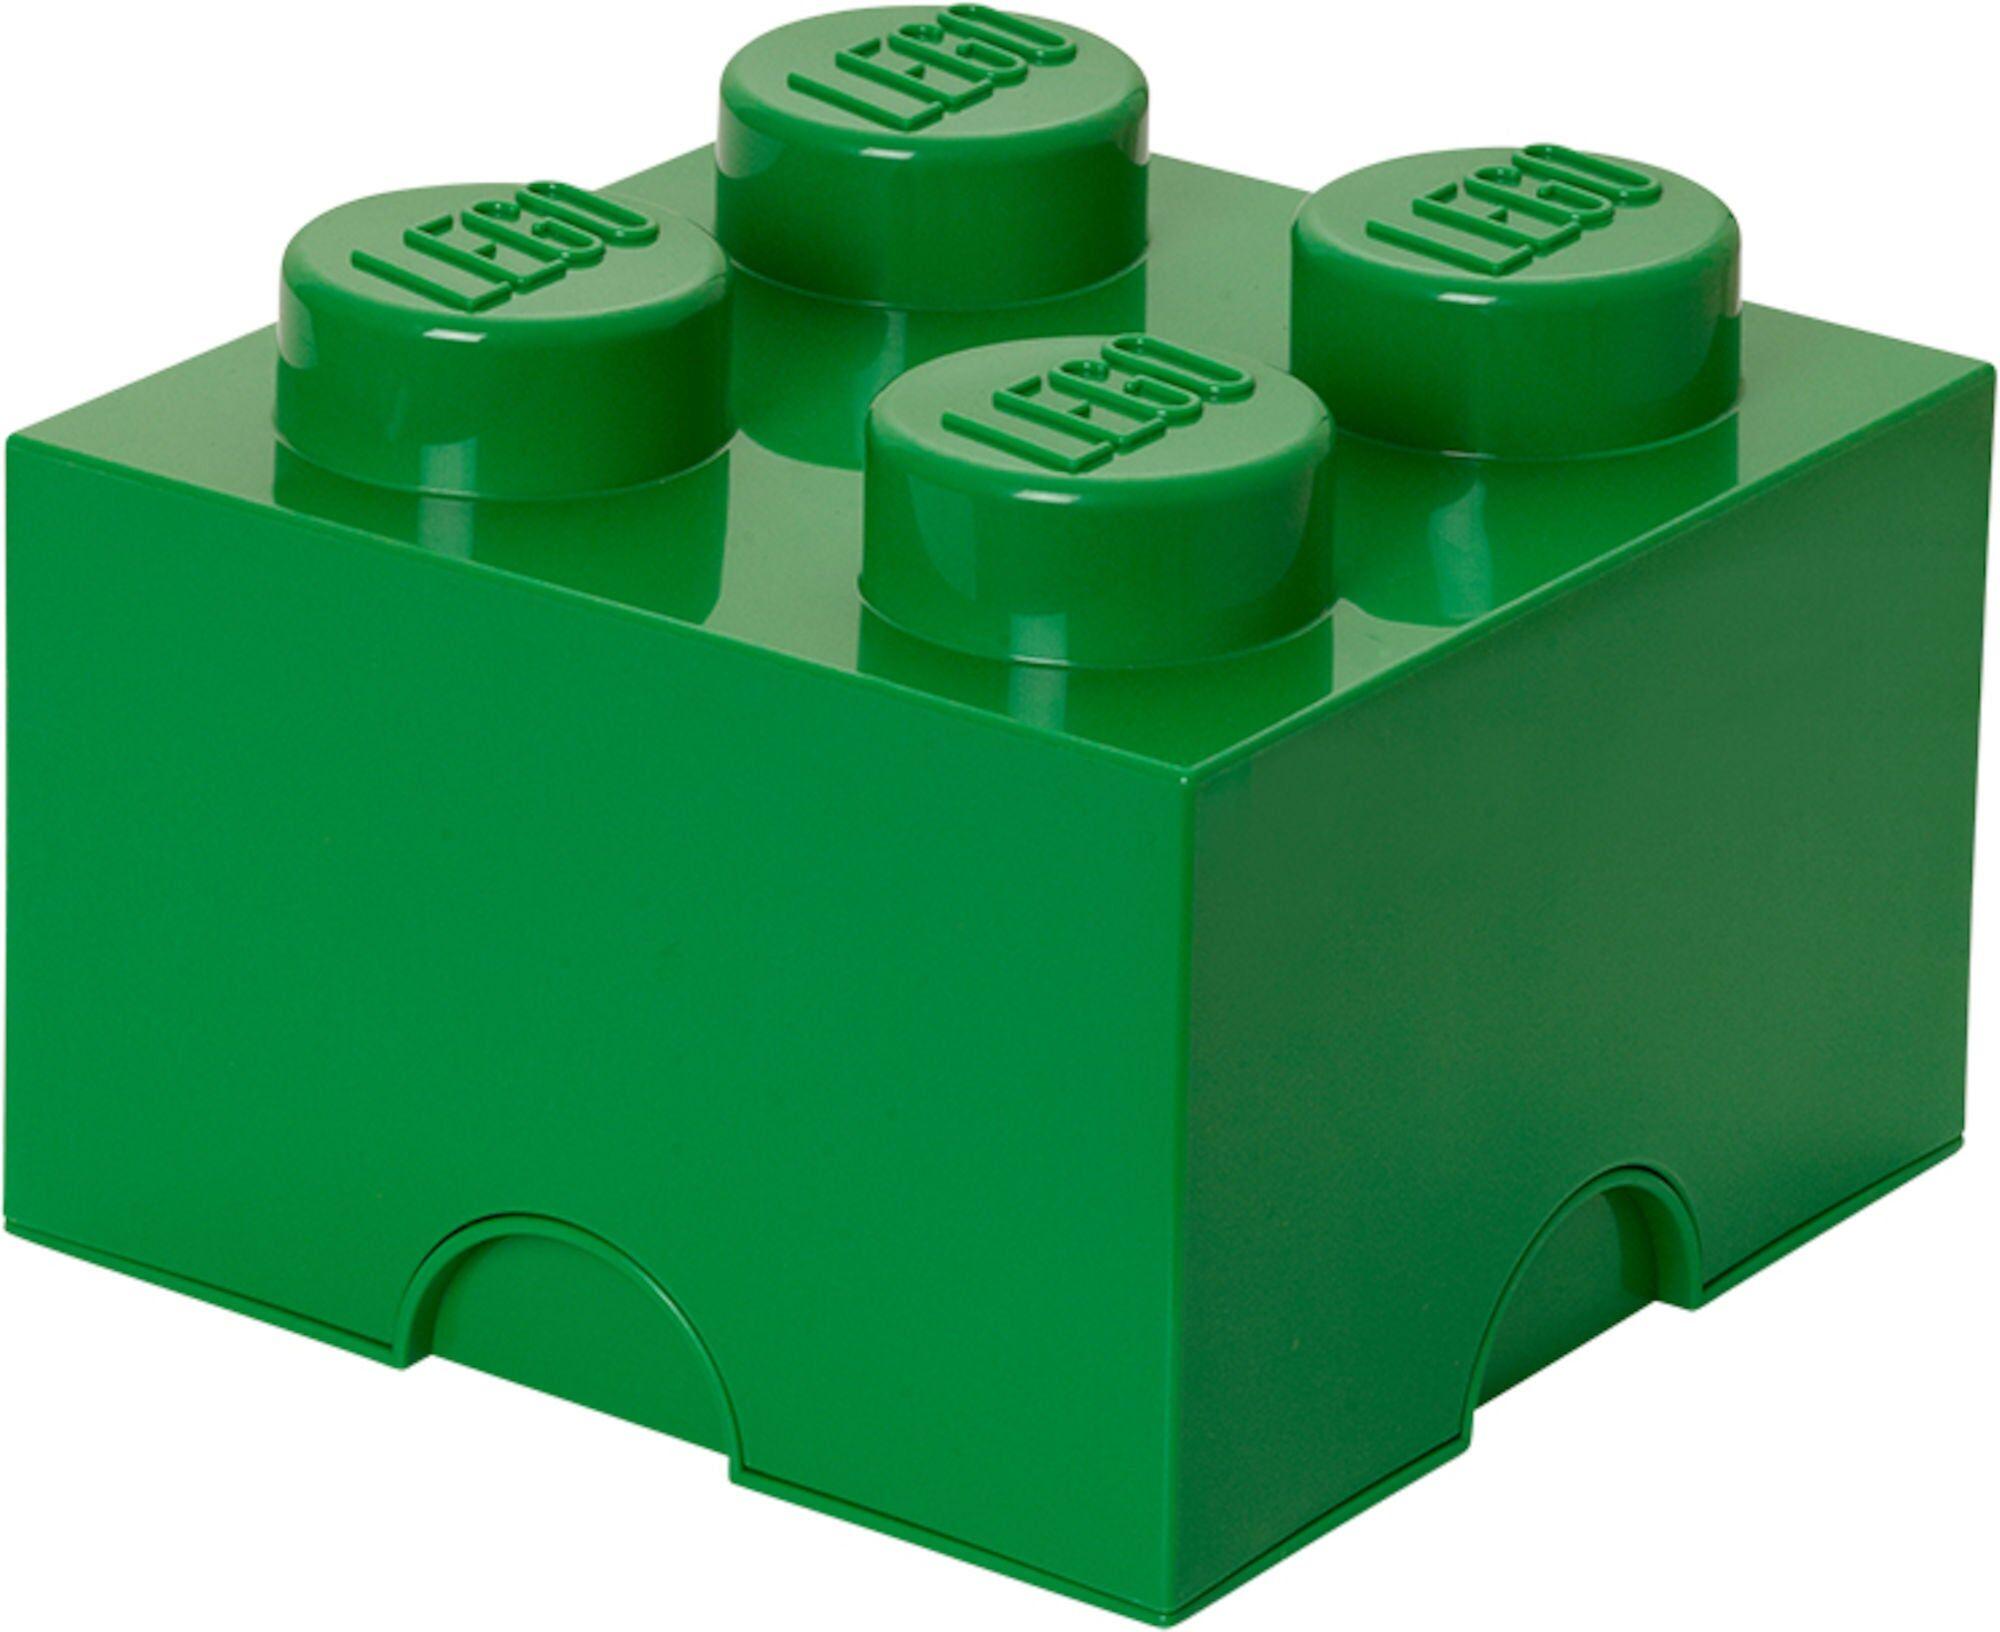 Lego Oppbevaring 4 Grønn